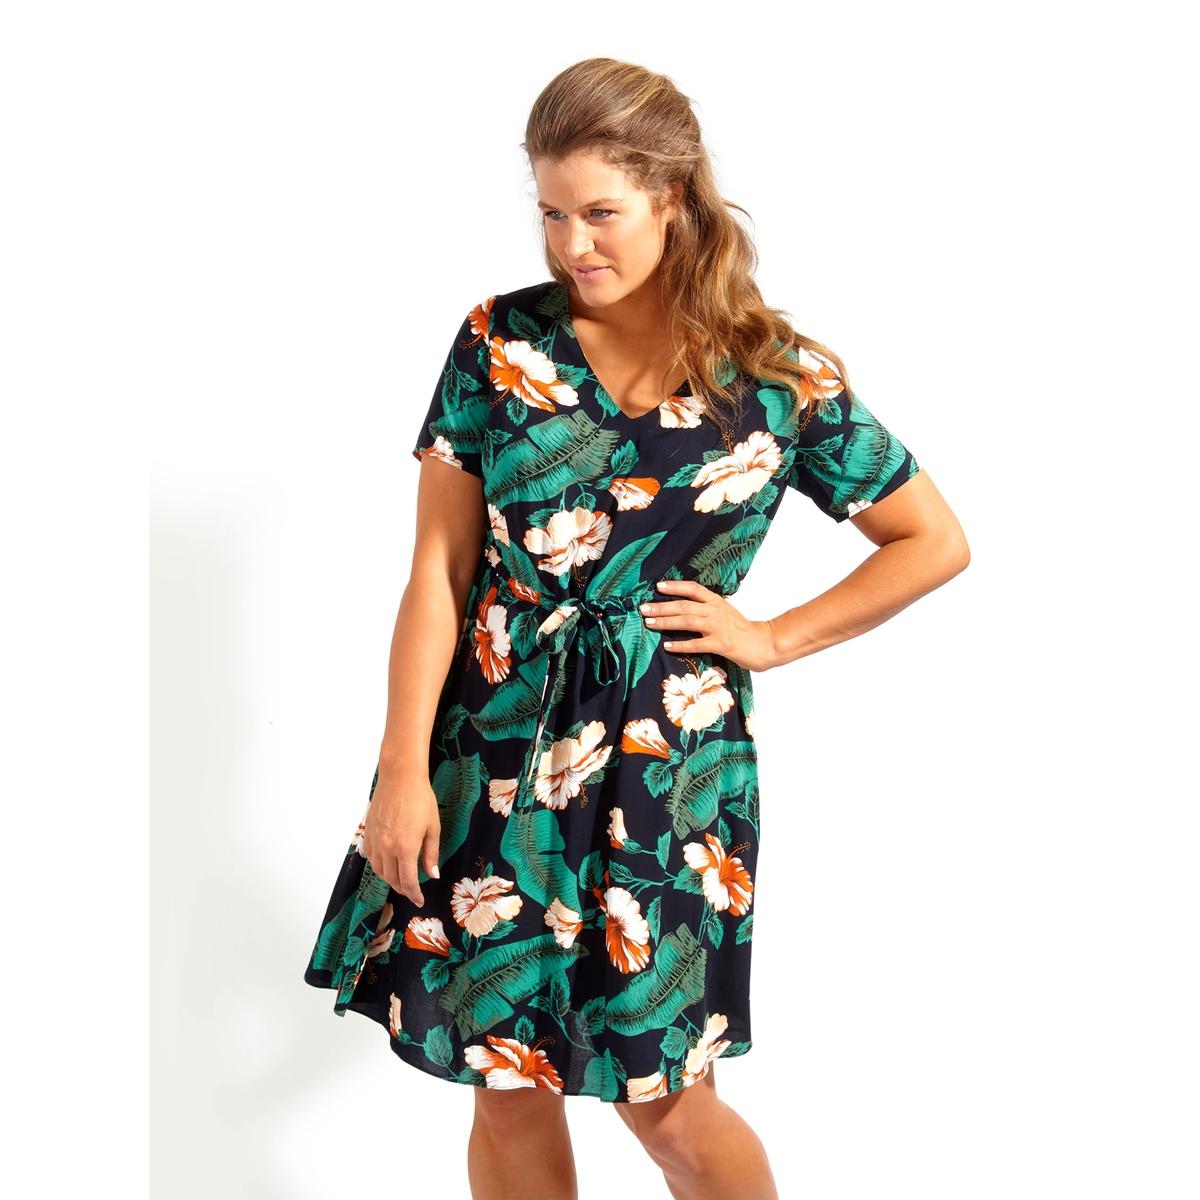 ПлатьеПлатье - KOKO BY KOKO. Красивое платье с V-образным декольте, завязками на поясе и карманами . 100% полиэстер<br><br>Цвет: набивной рисунок<br>Размер: 50/52 (FR) - 56/58 (RUS).48 (FR) - 54 (RUS).46 (FR) - 52 (RUS)